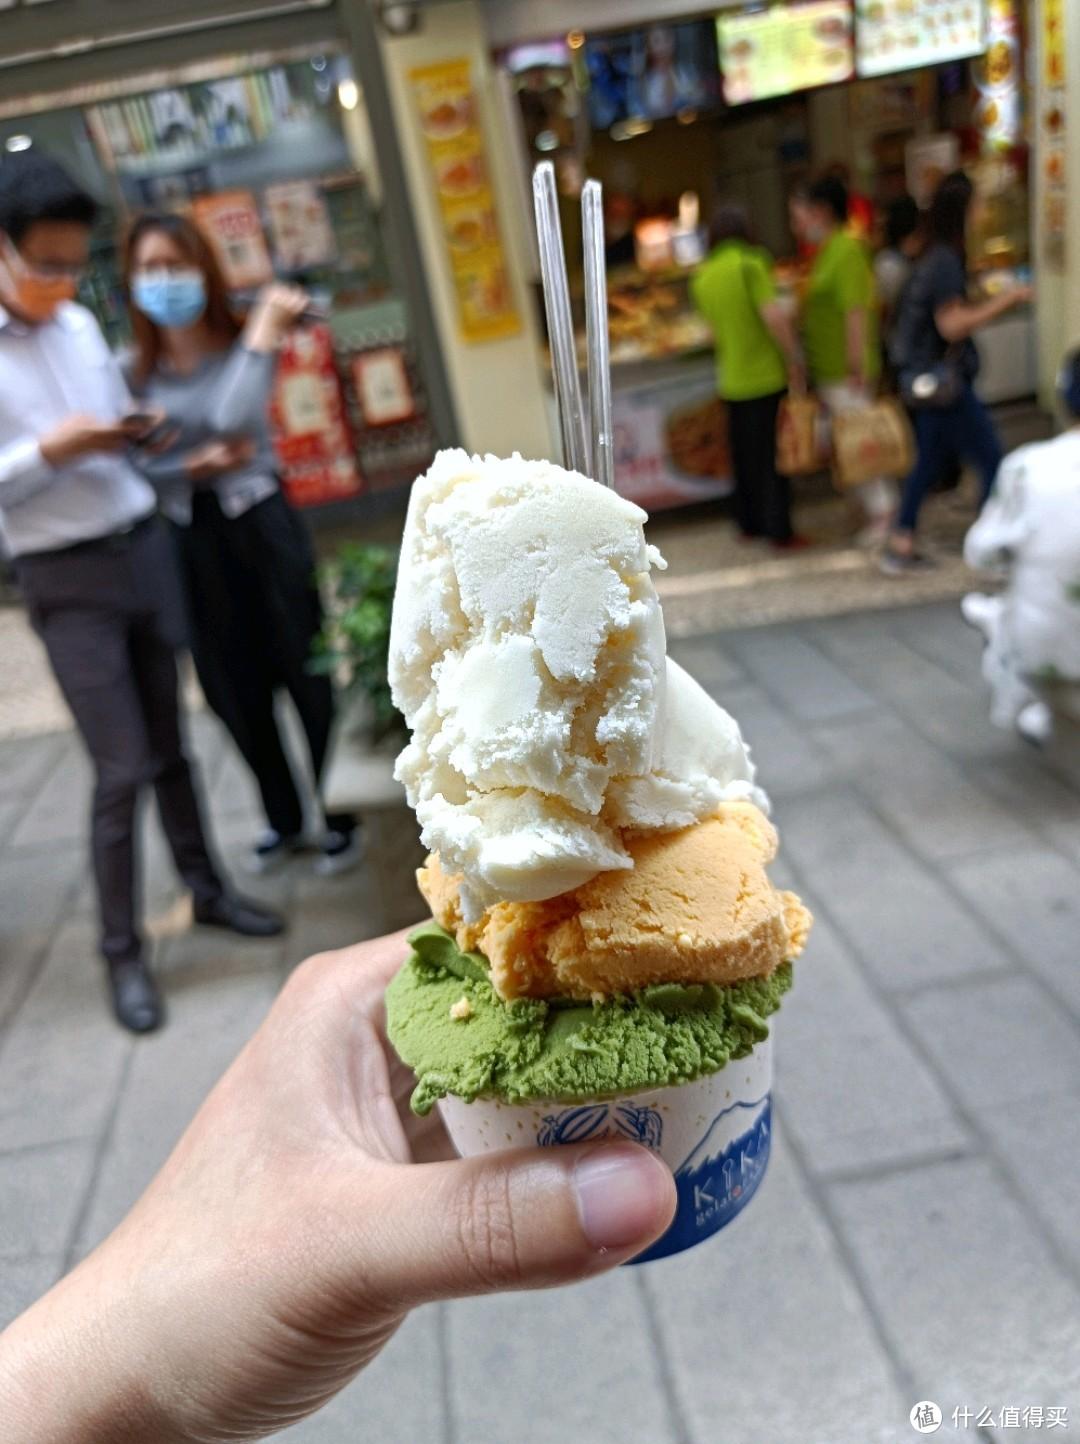 米其林推荐的kika日式手工雪糕,豆腐脑、芒果、抹茶